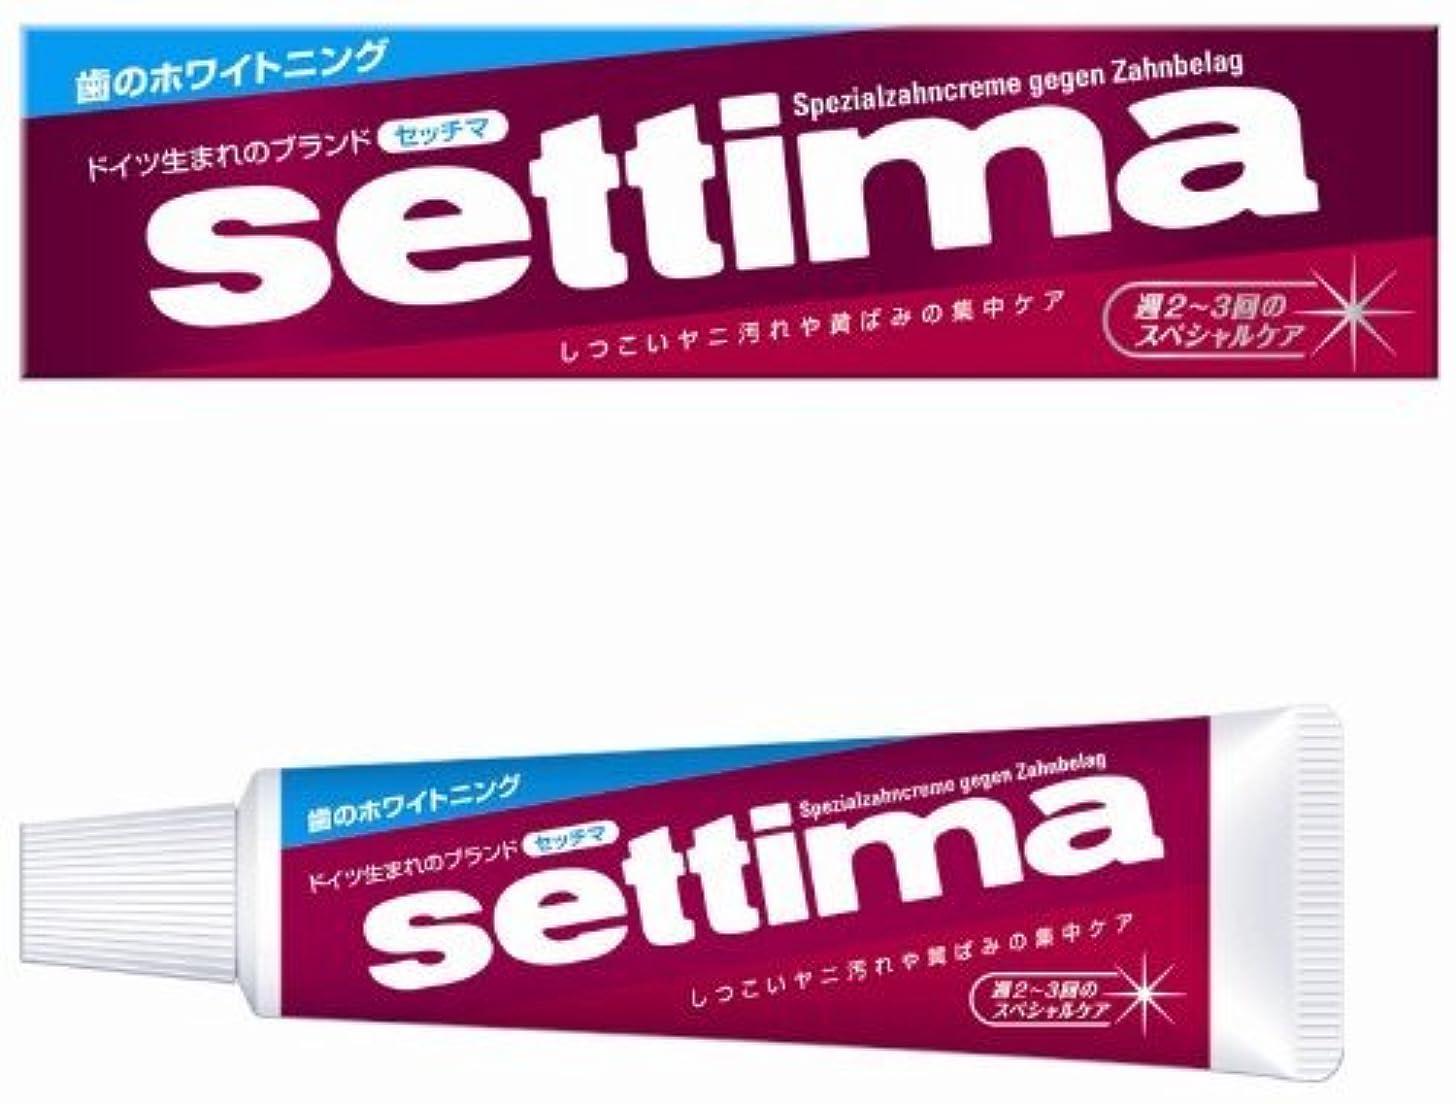 信号シンク摂動settima(セッチマ) はみがき スペシャル (箱タイプ) 40g